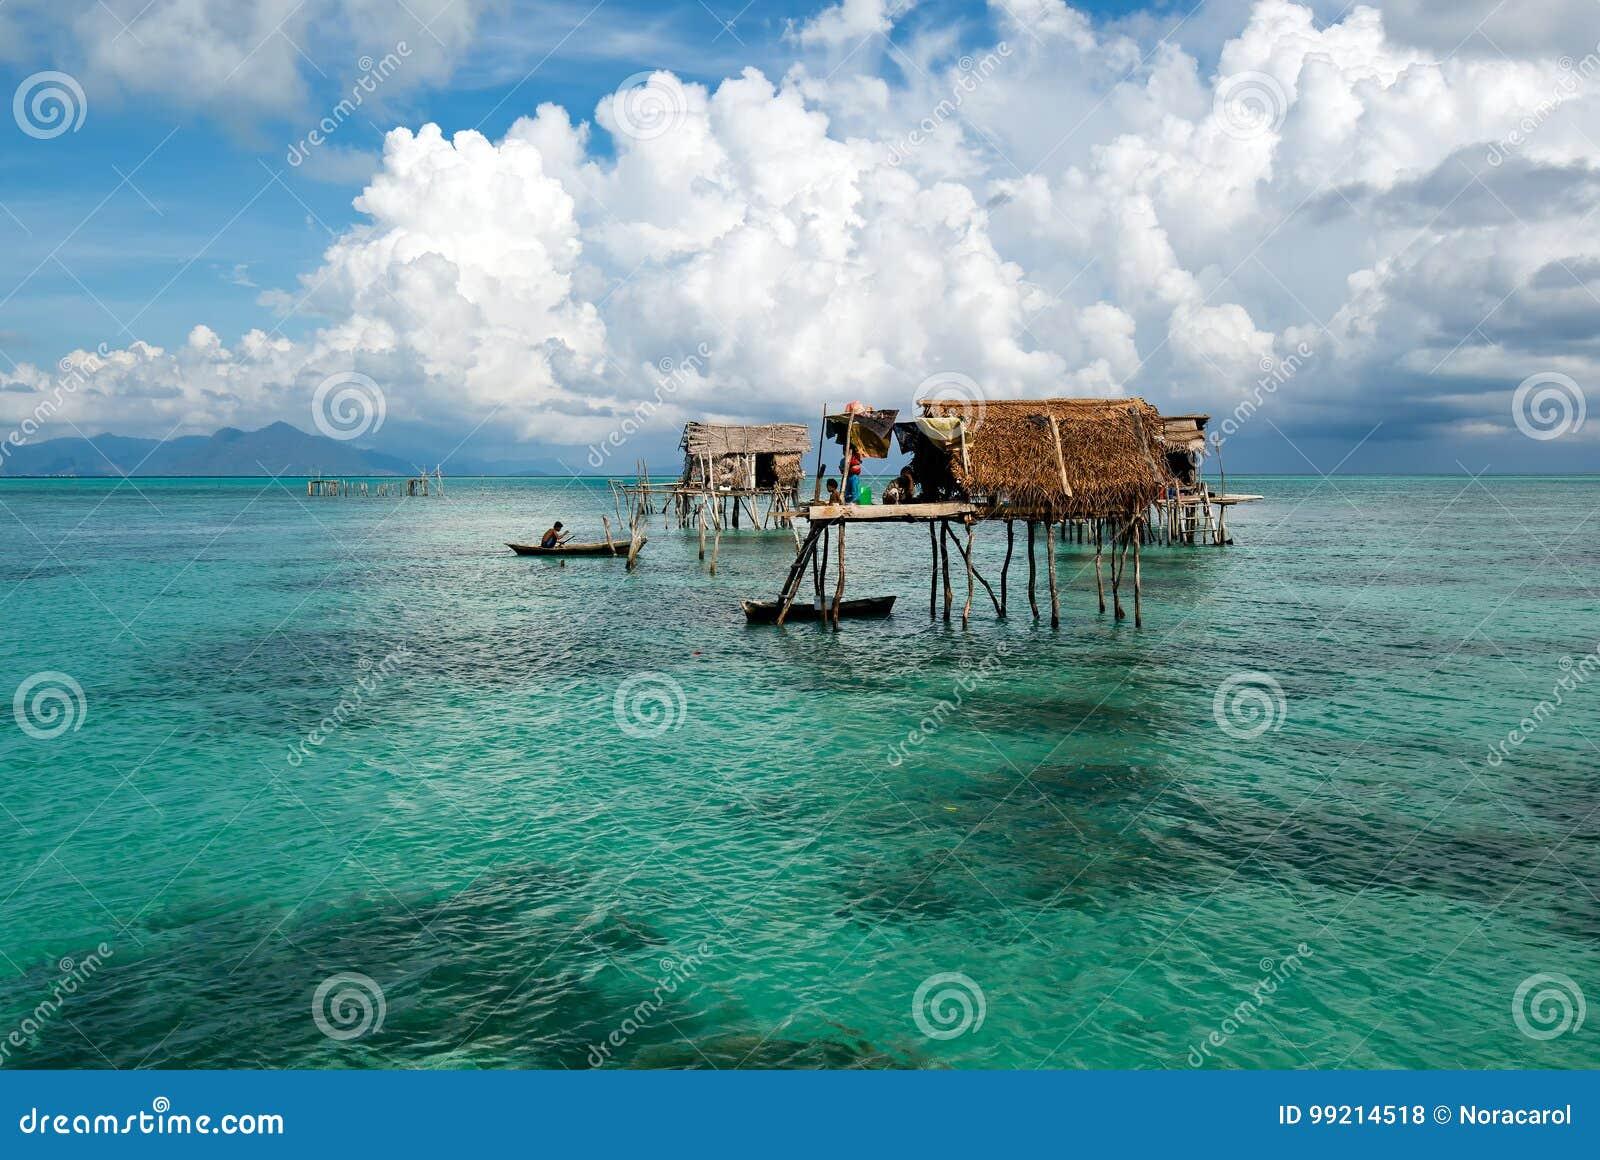 Bajau laut stijf huis